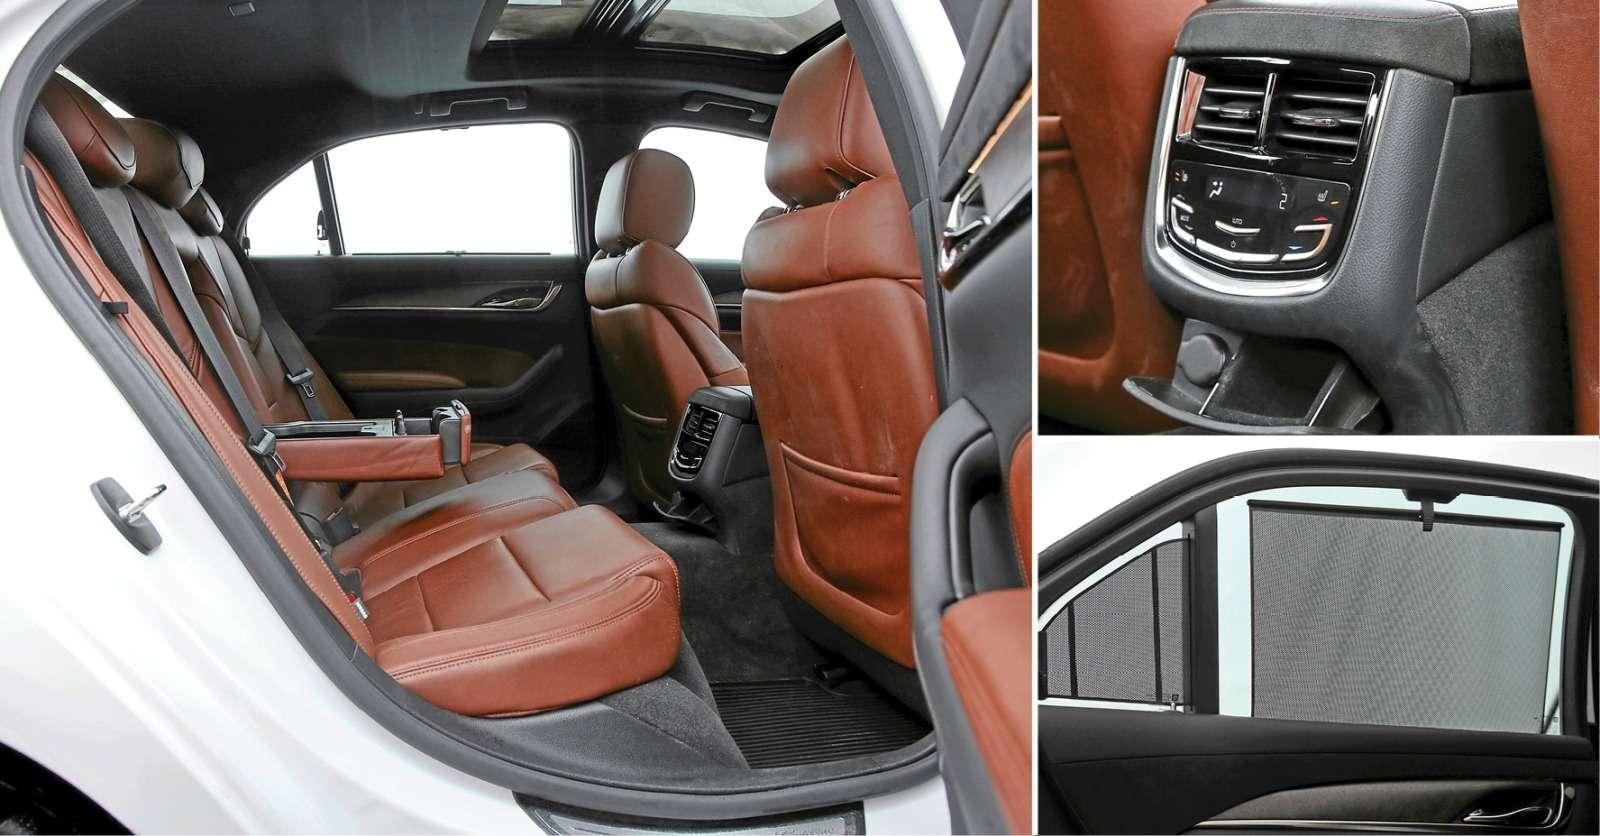 Схватка бизнес-седанов: новый Jaguar XFпротив Infiniti Q70и Cadillac CTS— фото 574924